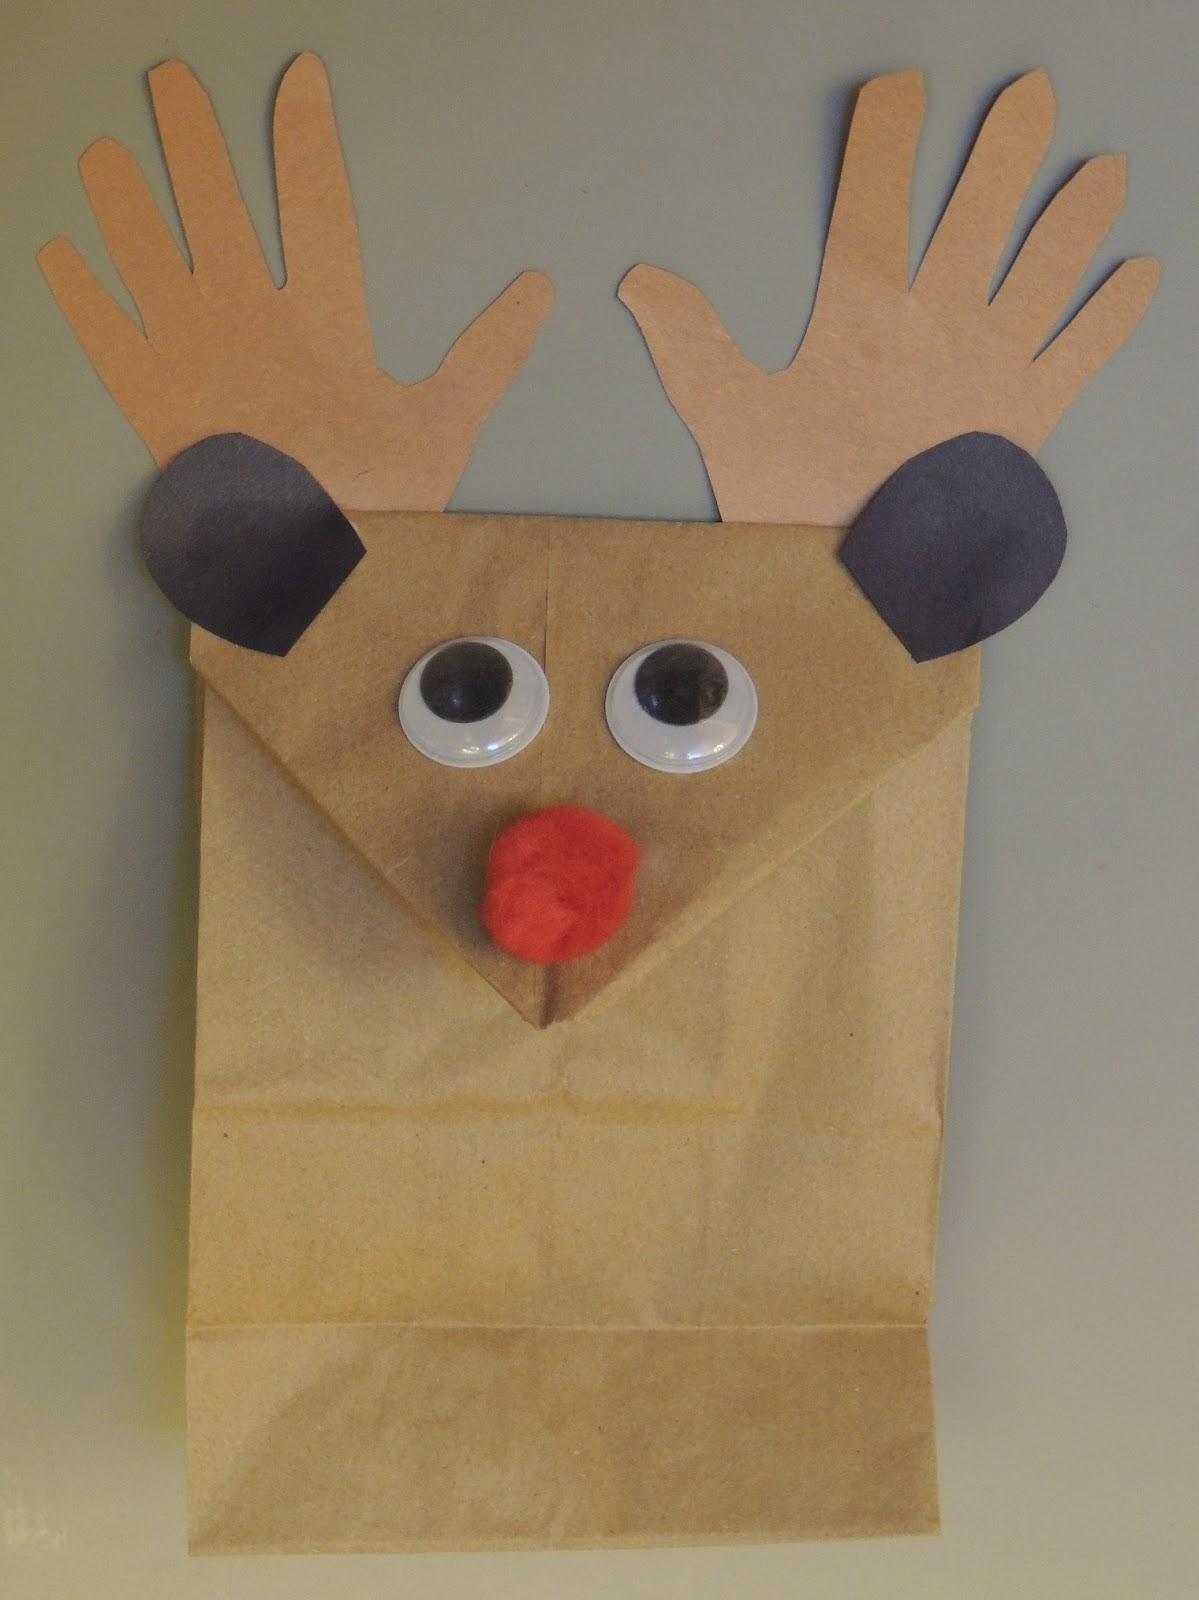 Brown Reindeer Antlers Template Using a brown paper lunch bag